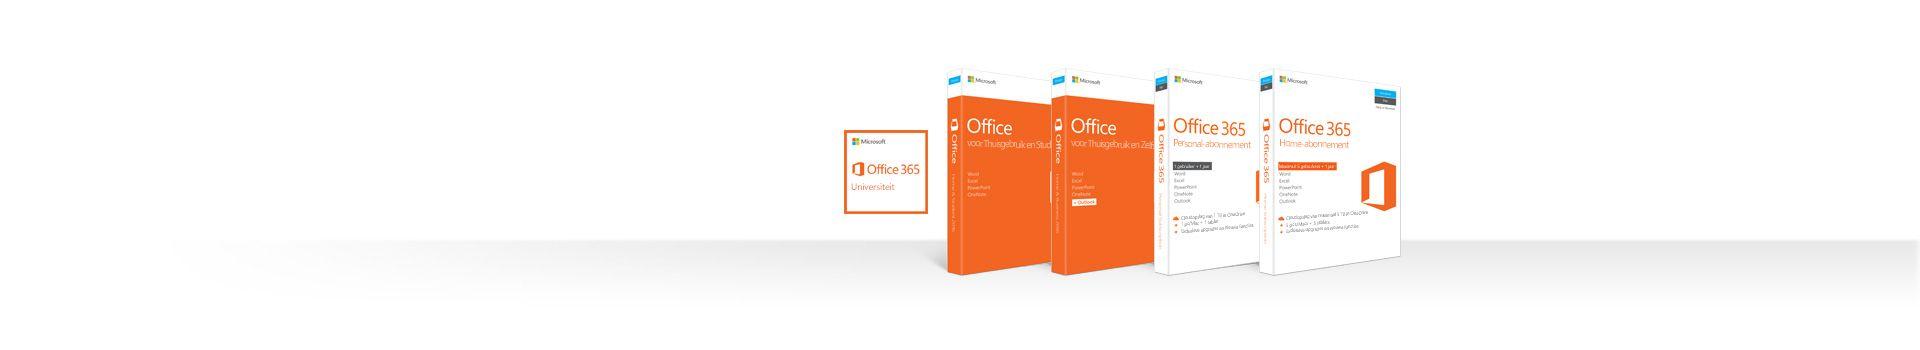 Een rij dozen die Office-abonnementen en zelfstandige producten voor Mac uitbeelden